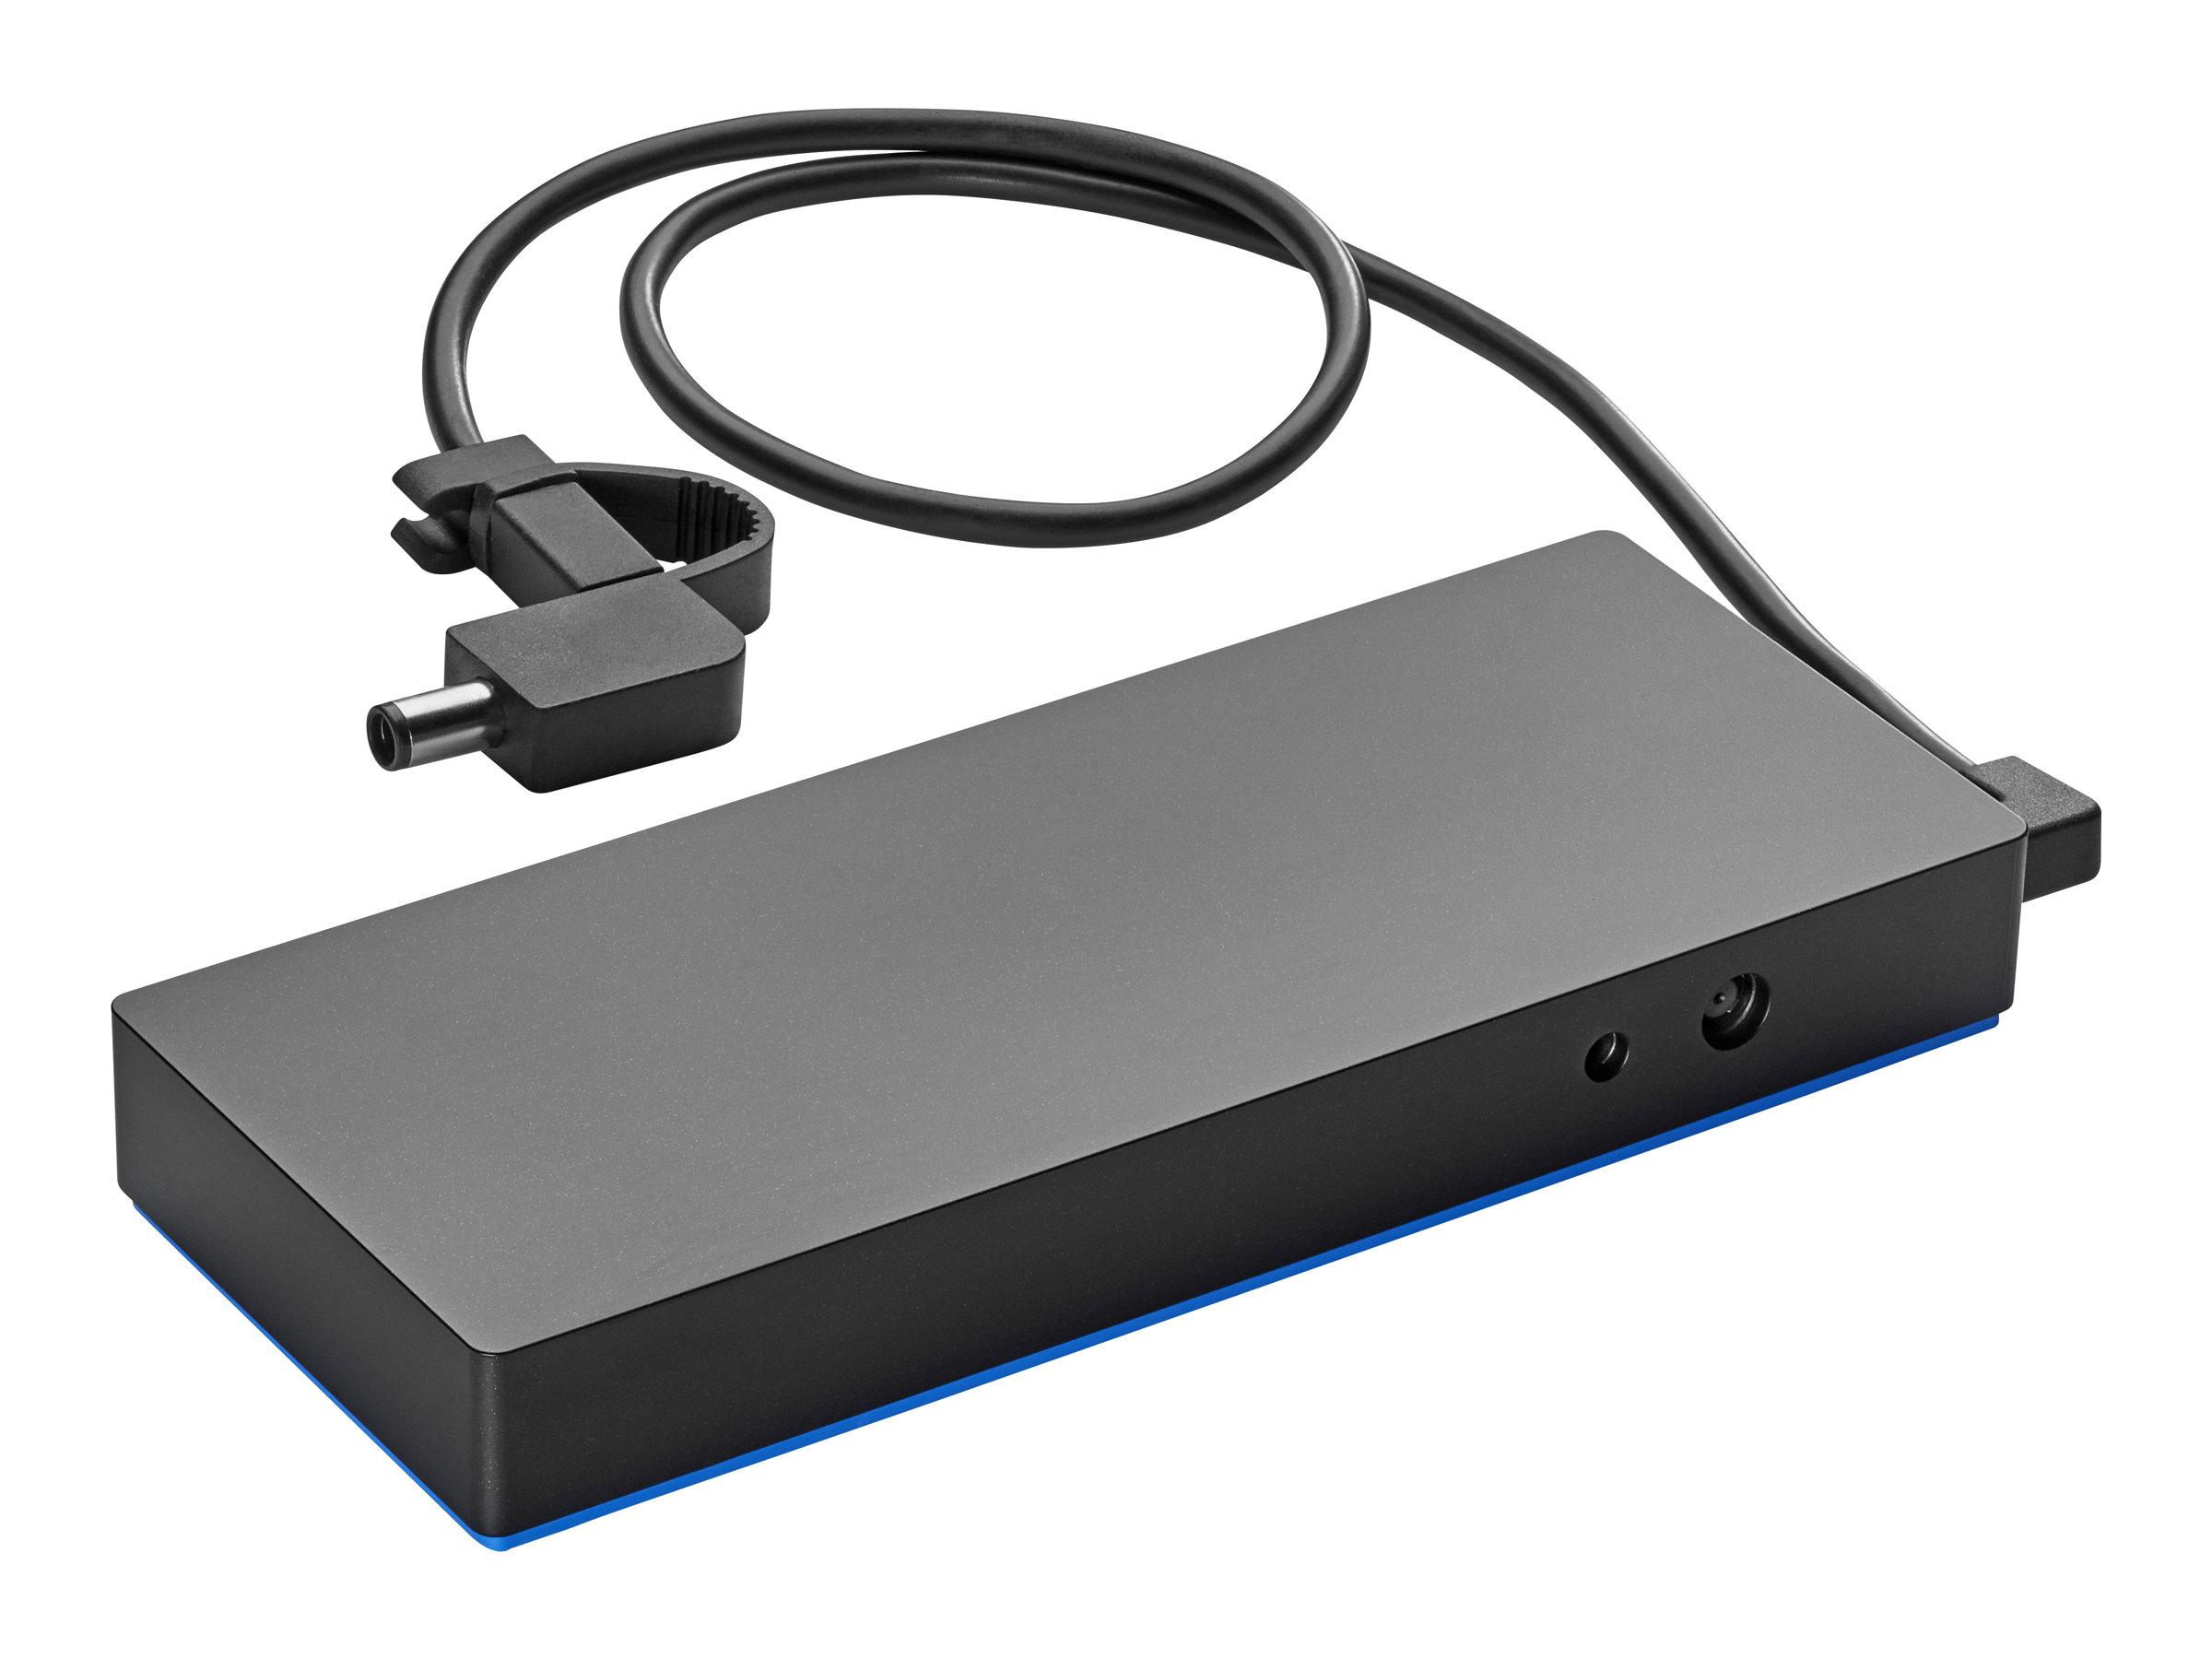 HP Notebook Power Bank - Powerbank 6 Zellen 19200 mAh 72 Wh - Ausgangsanschlüsse: 3 - Schwarz - für HP 245 G7; Chromebook 11 G7;